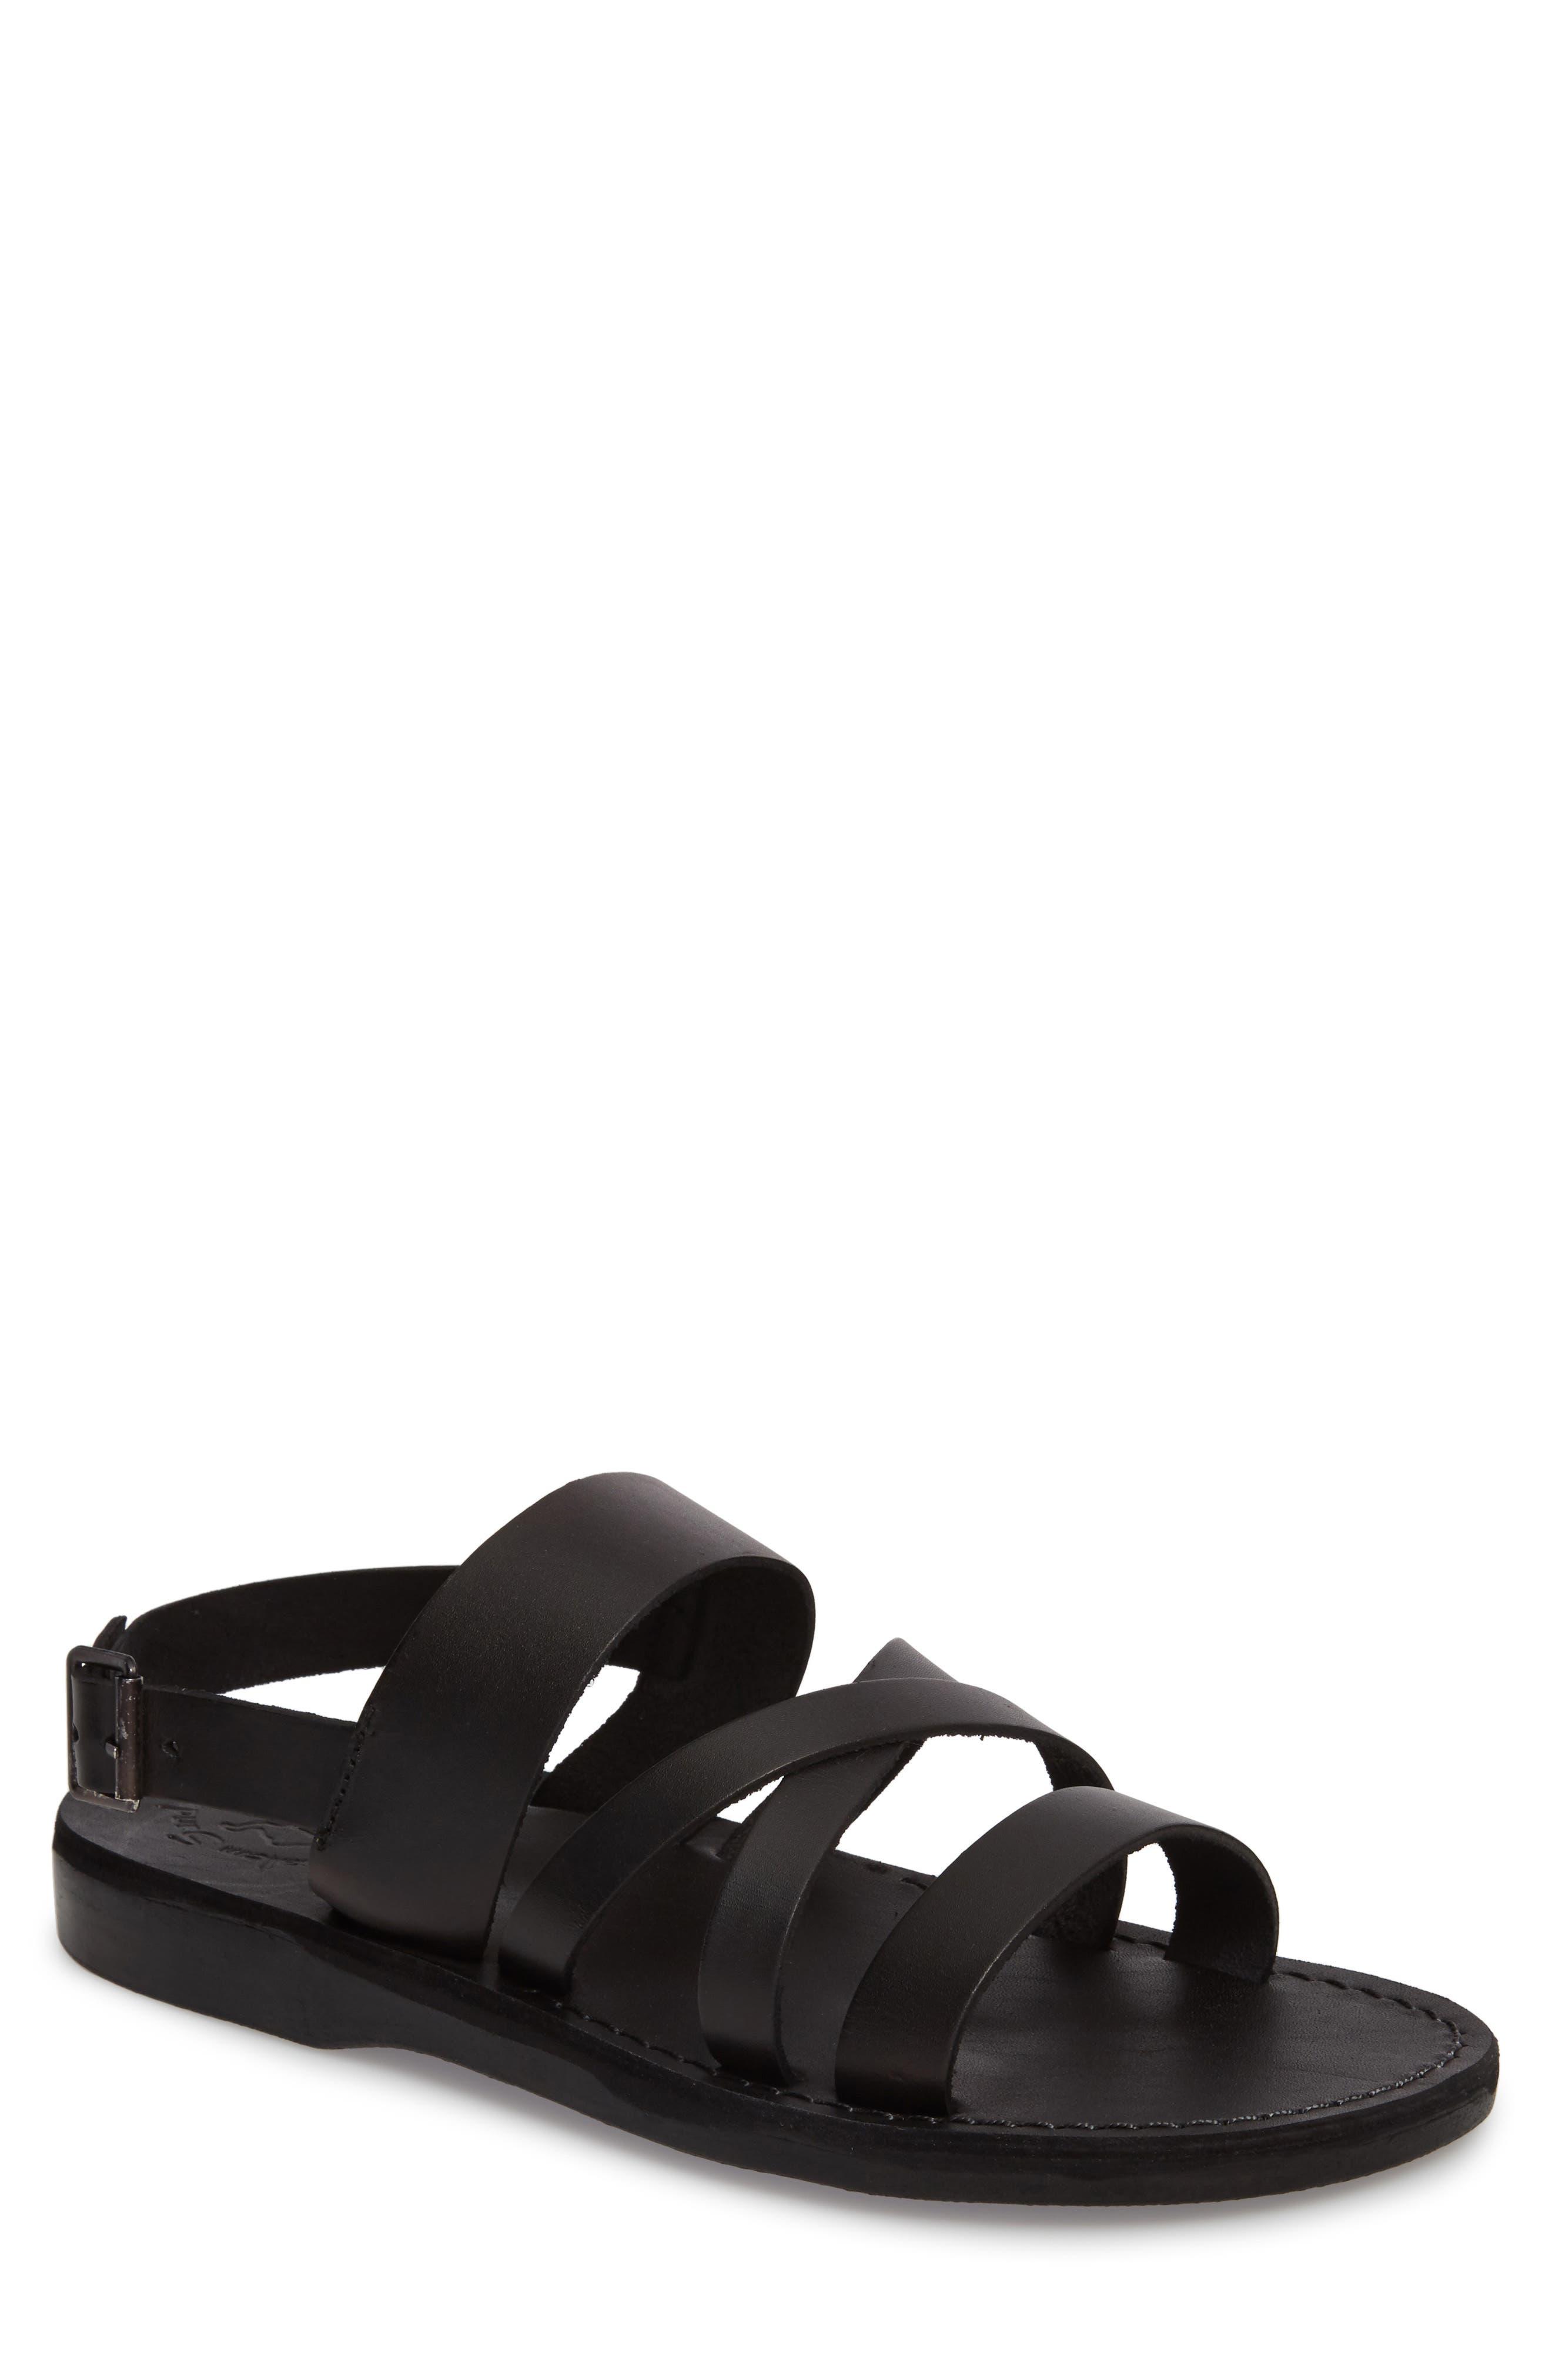 JERUSALEM SANDALS Silas Slingback Sandal, Main, color, BLACK LEATHER